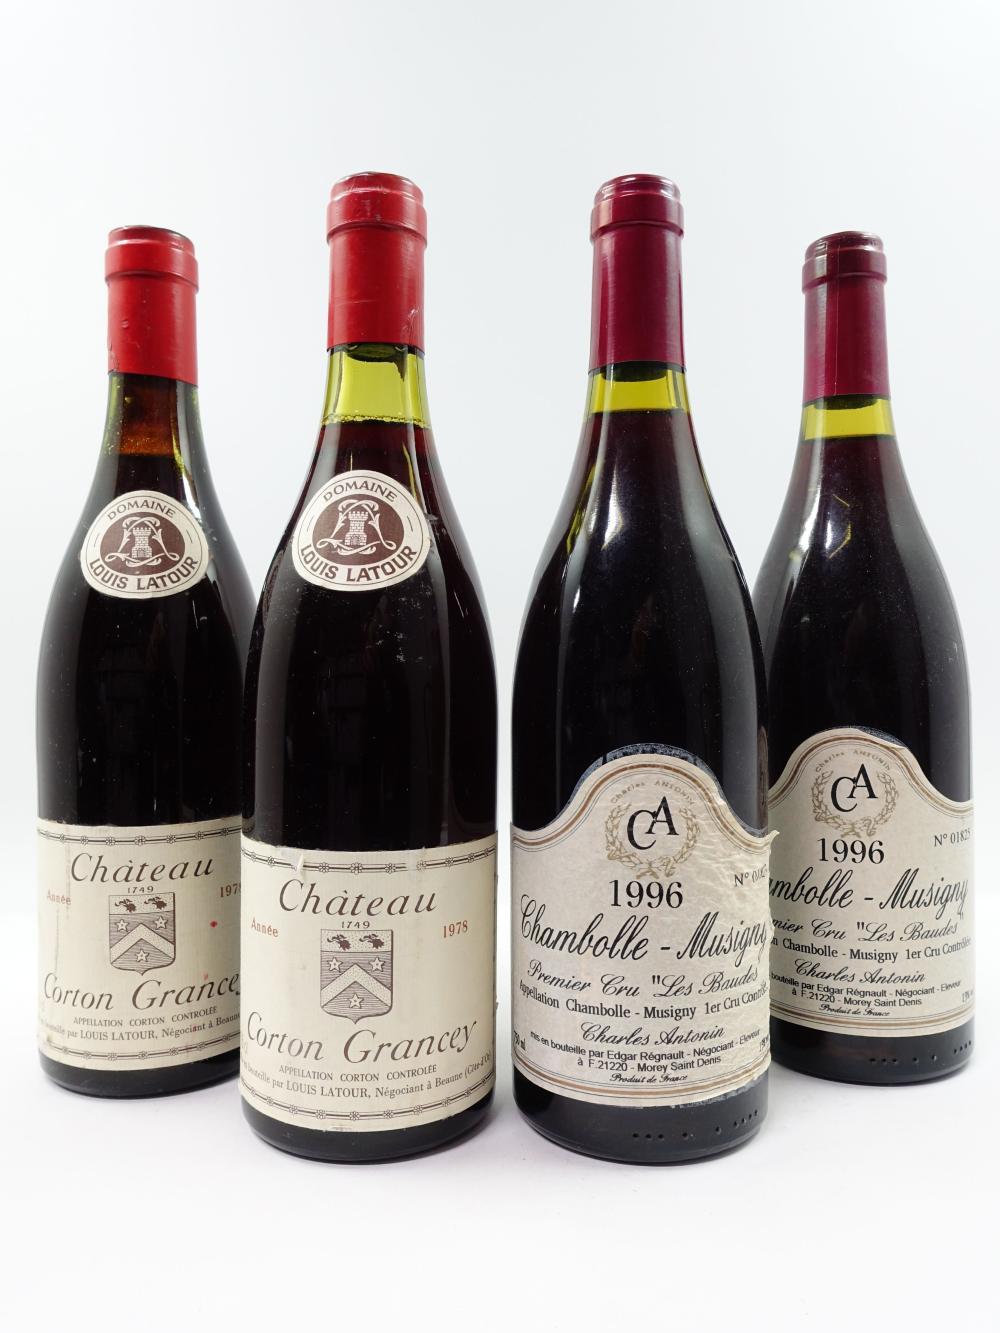 4 bouteilles 2 bts : CORTON GRANCEY 1978 Grand Cru. Louis Latour (étiquettes fanées)